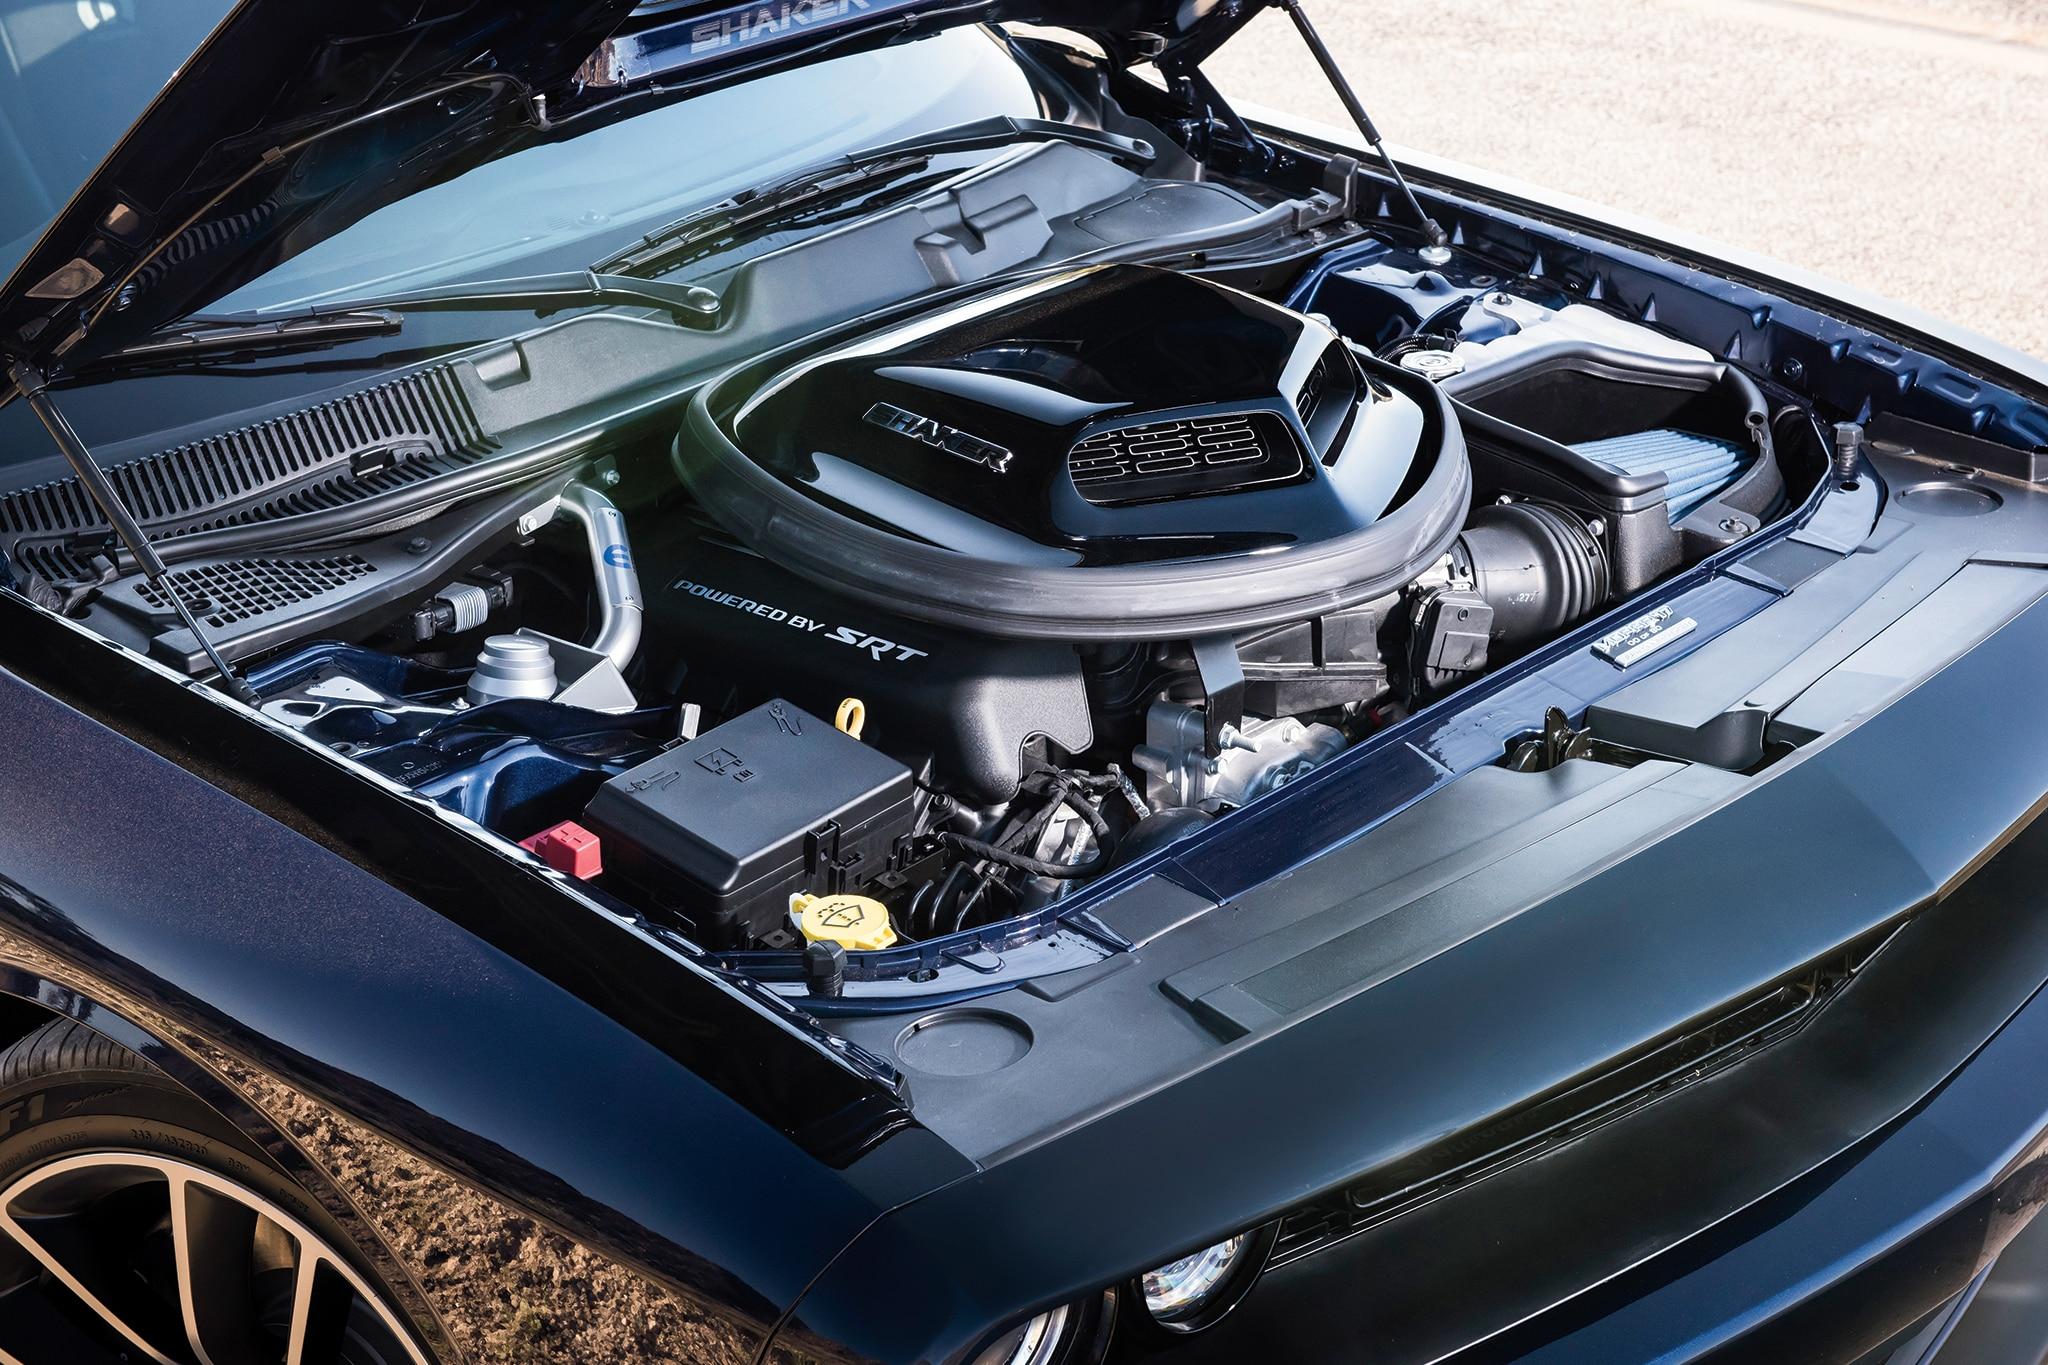 Mopar 2017 Dodge Challenger First Drive Review | Automobile Magazine